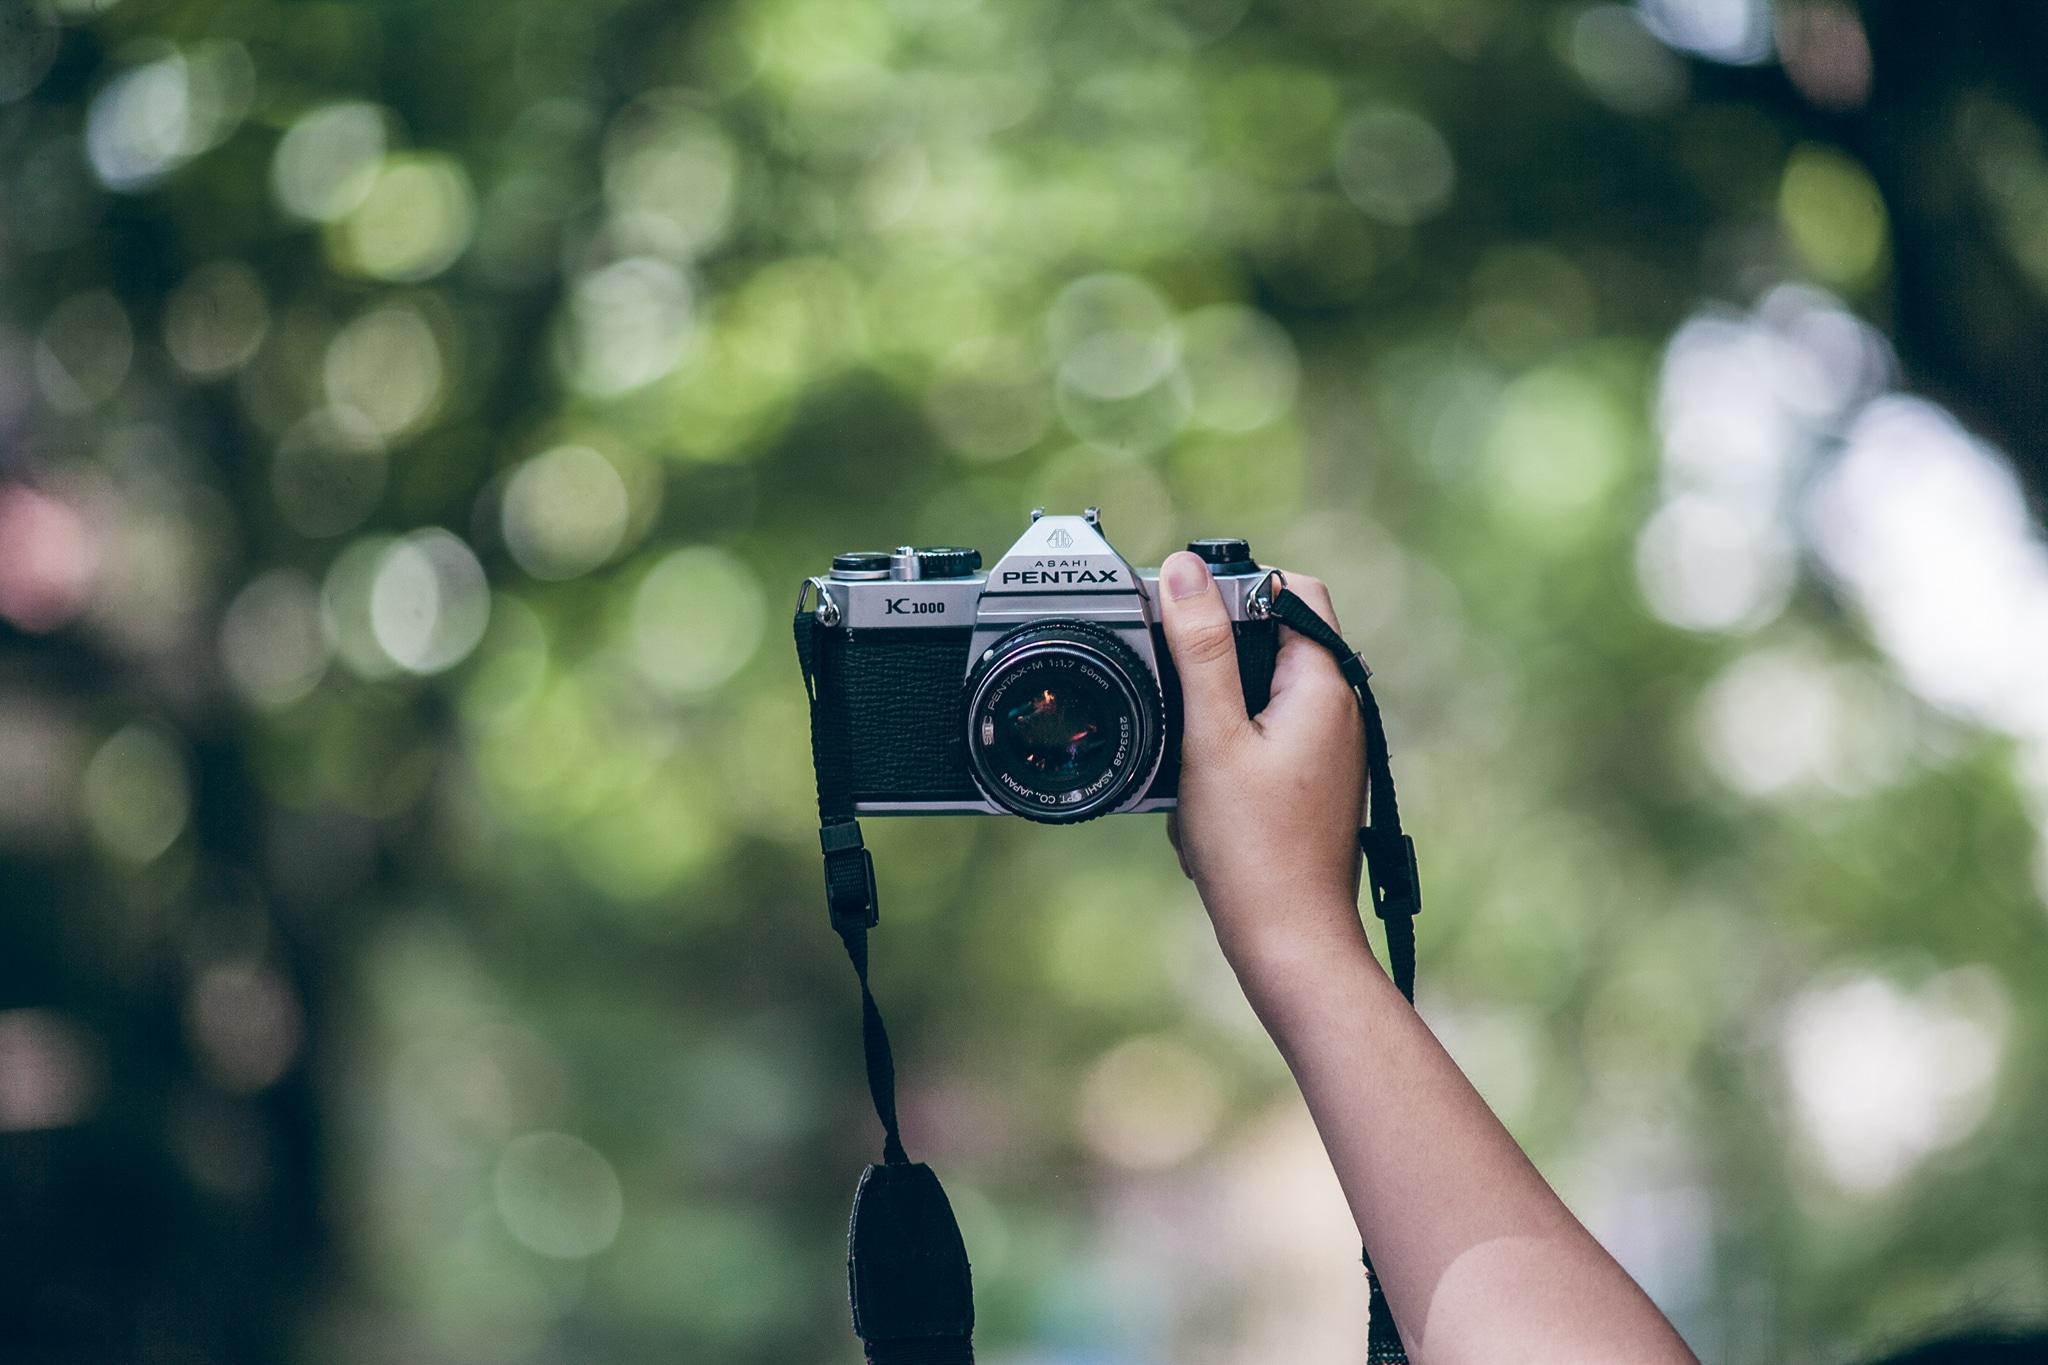 Hướng dẫn cách chụp máy ảnh film khi đi du lịch chuẩn đẹp